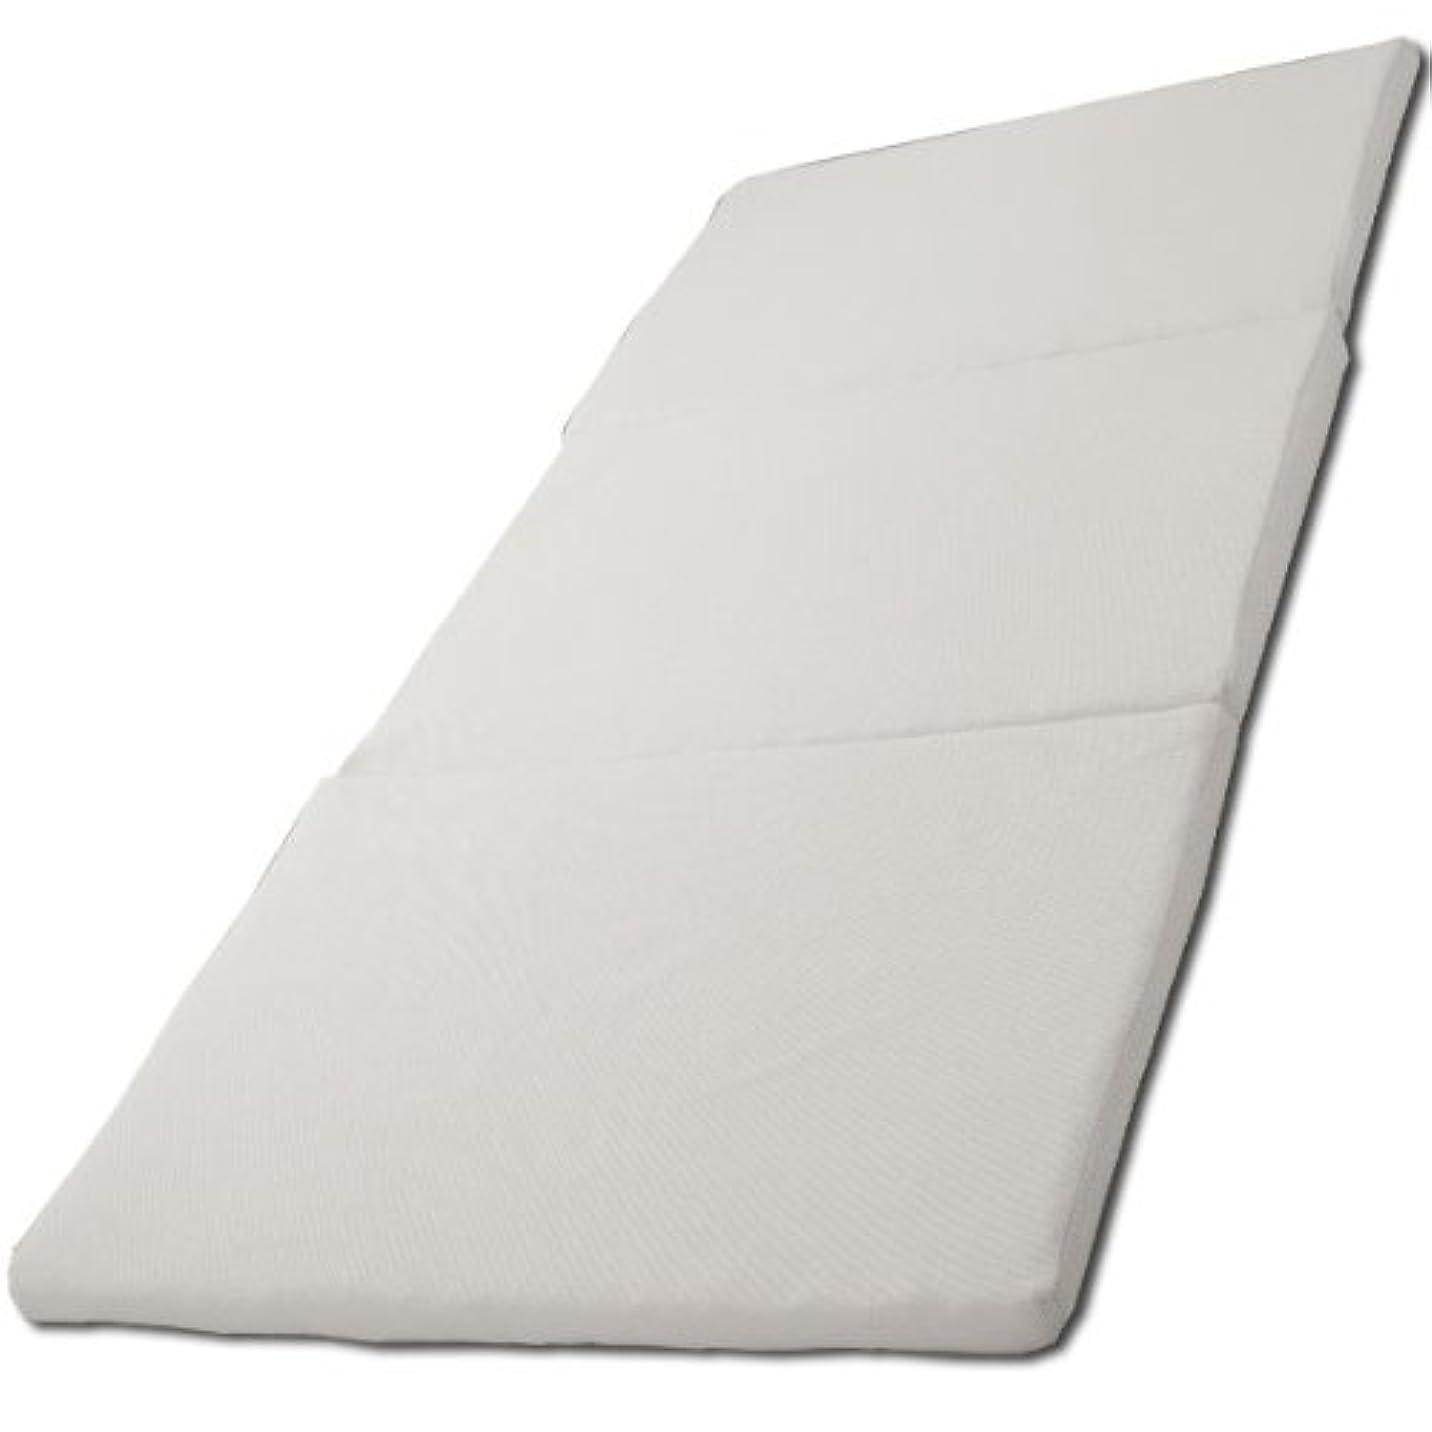 アイリスオーヤマ エアリー マットレス 三つ折り 厚さ5cm 高反発 通気性 高耐久性 抗菌防臭 洗える シングル ホワイト MAR-S